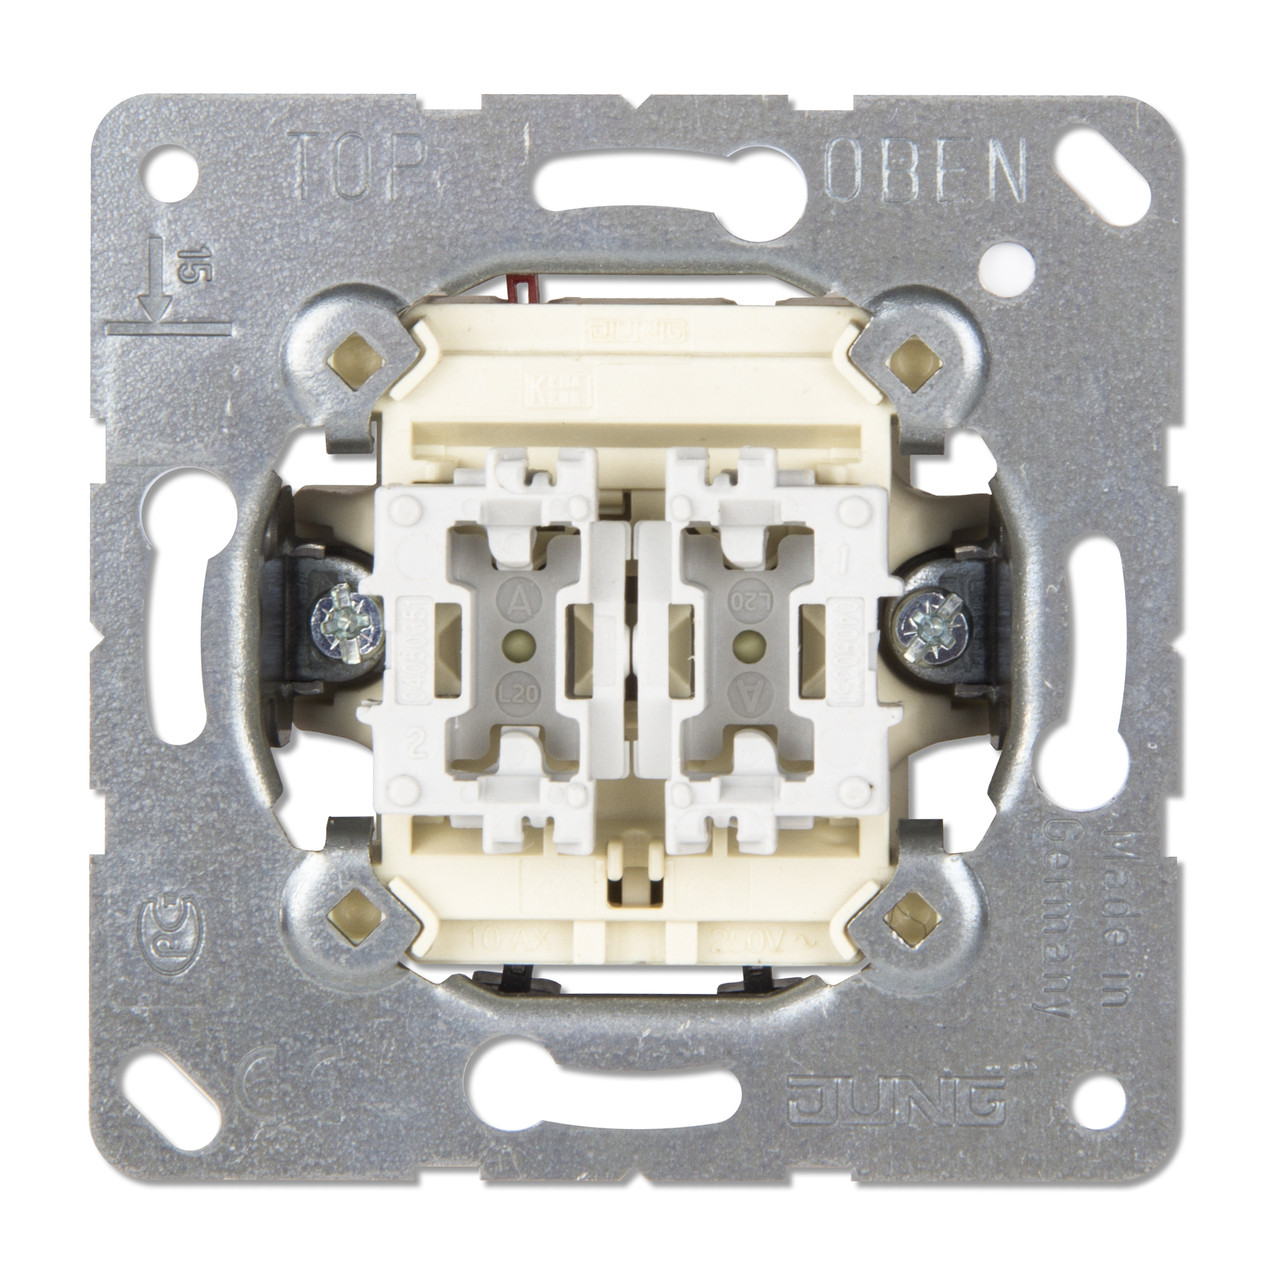 Выключатель двойной 10АХ, 250V универсальный (проходной)